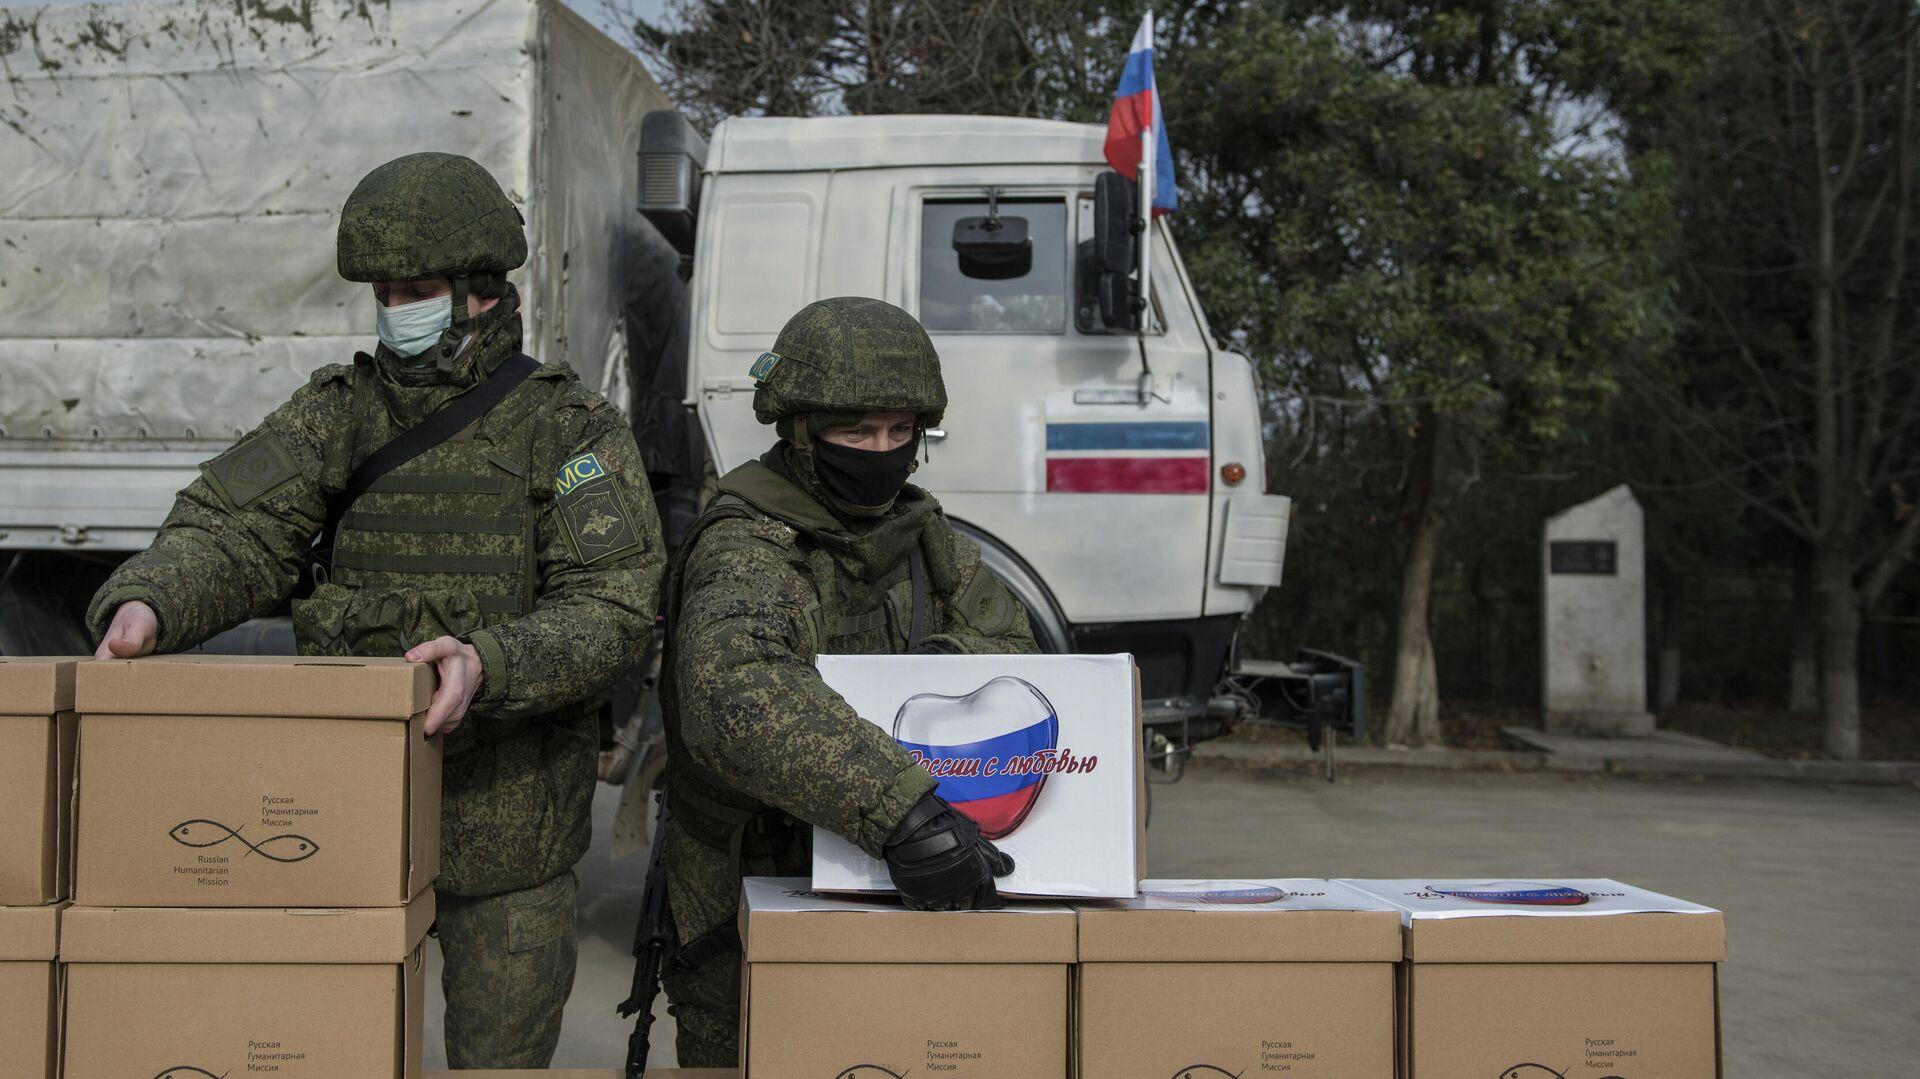 Russische Soldaten mit humanitärer Hilfe in Berg-Karabach am 12. Dezember 2020 - SNA, 1920, 12.01.2021